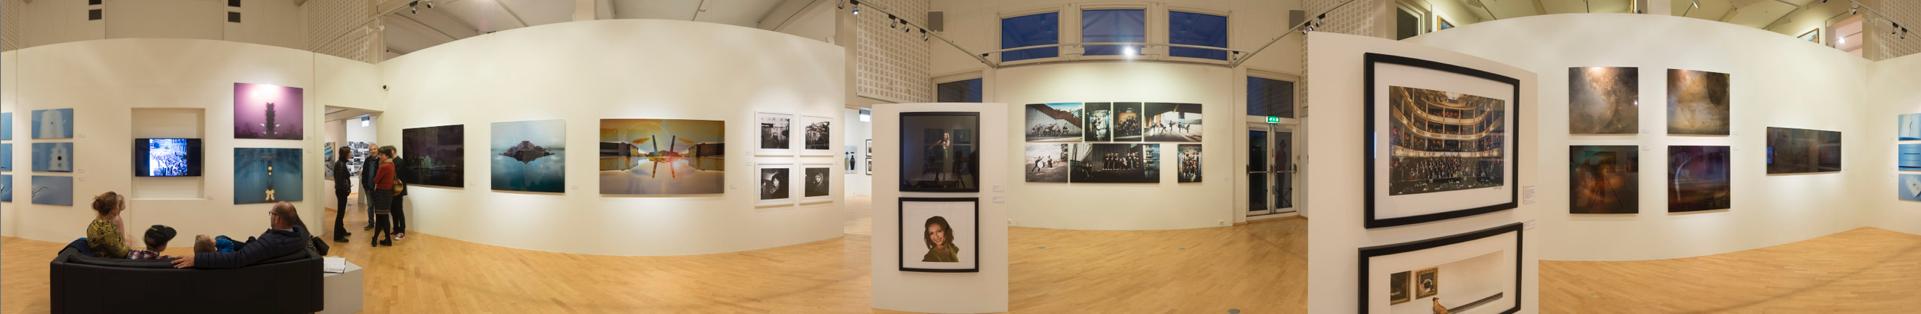 Panorama 4 fra utstillingen på Drammen Museum